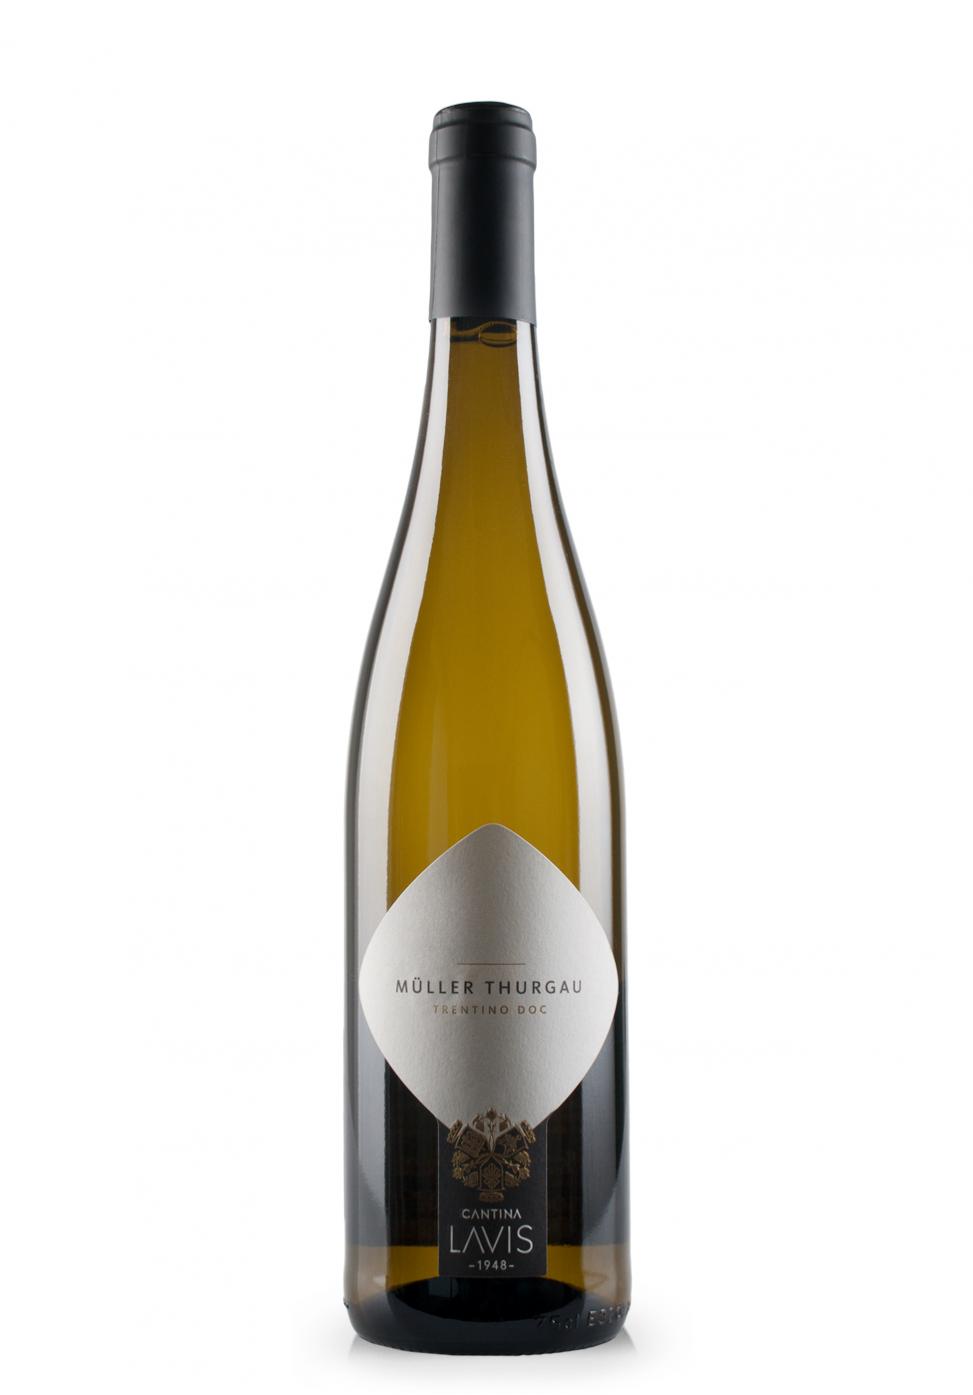 Vin Cantina La Vis, Trentino D.O.C., Muller Thurgau 2016 (0.75L)